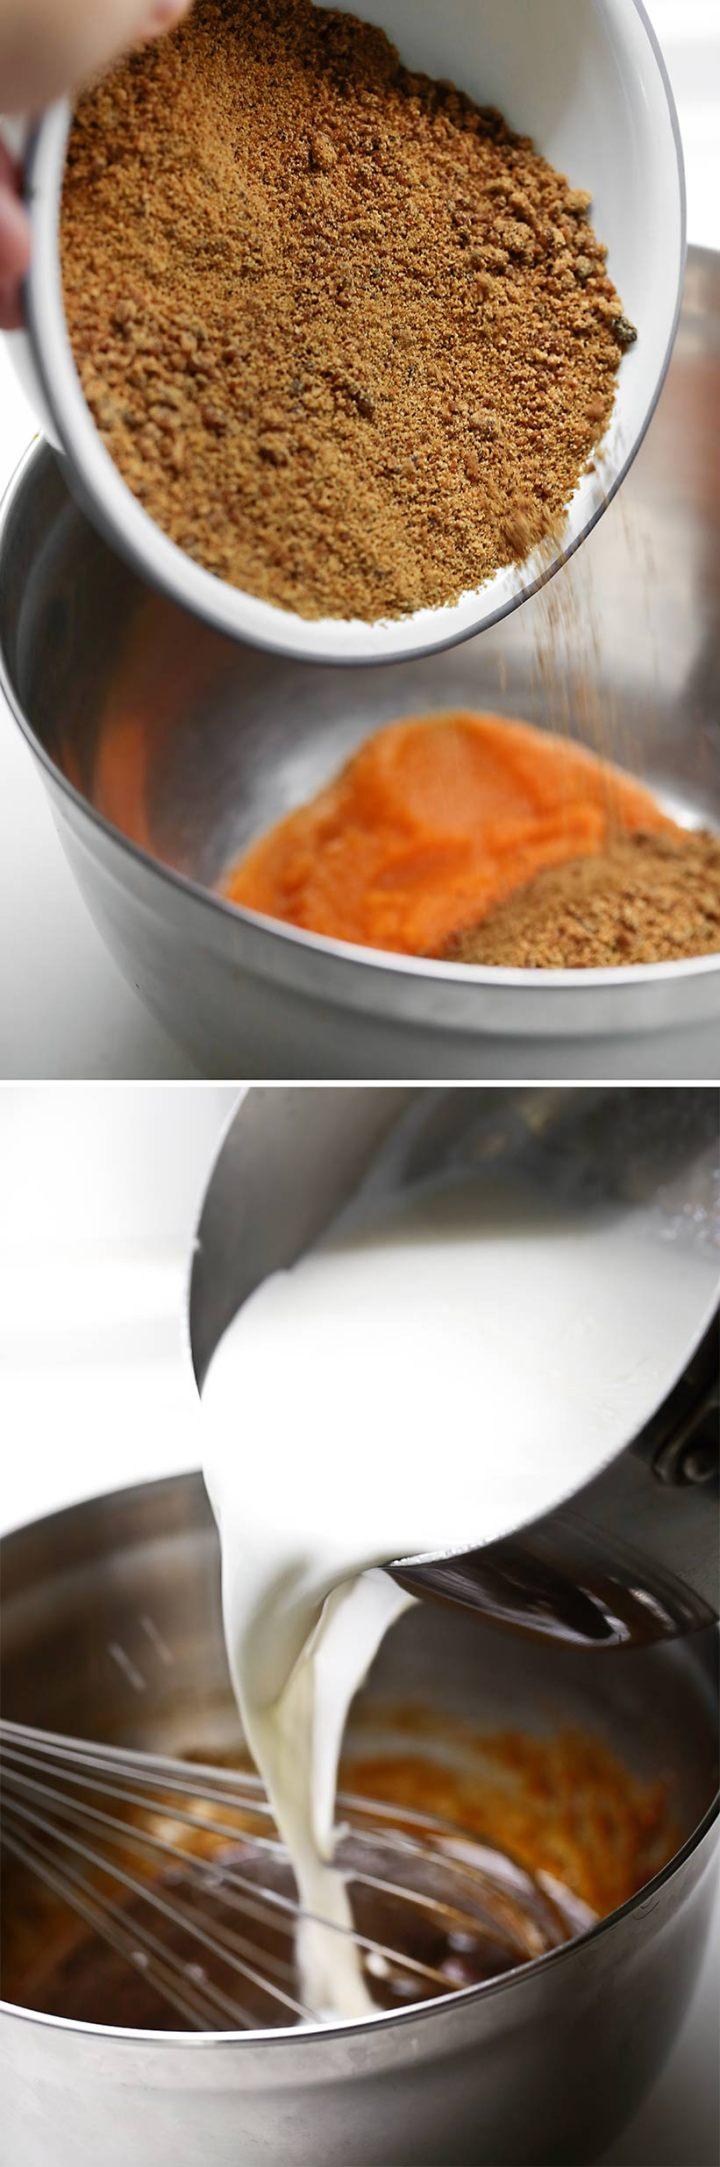 Receta helado de masacrado y calabaza 1